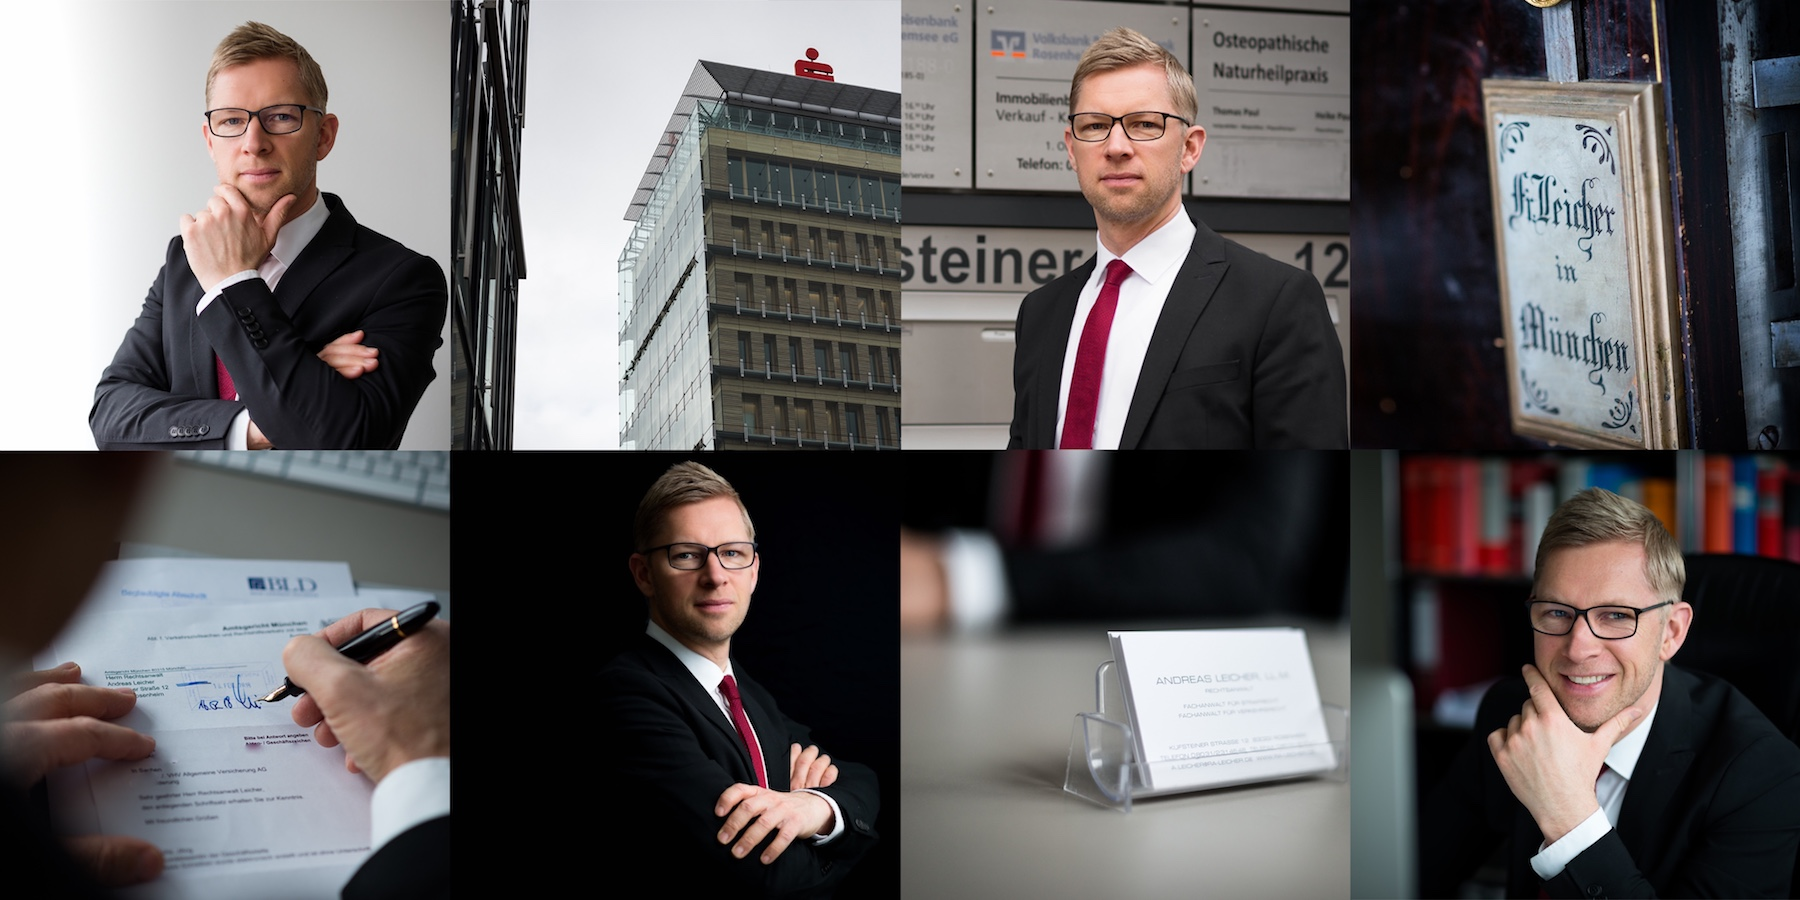 L.L.M. Andreas Leicher - Startseite | Fachanwalt für Strafrecht Rosenheim | Strafverteidiger | Fachanwalt für Verkehrsrecht